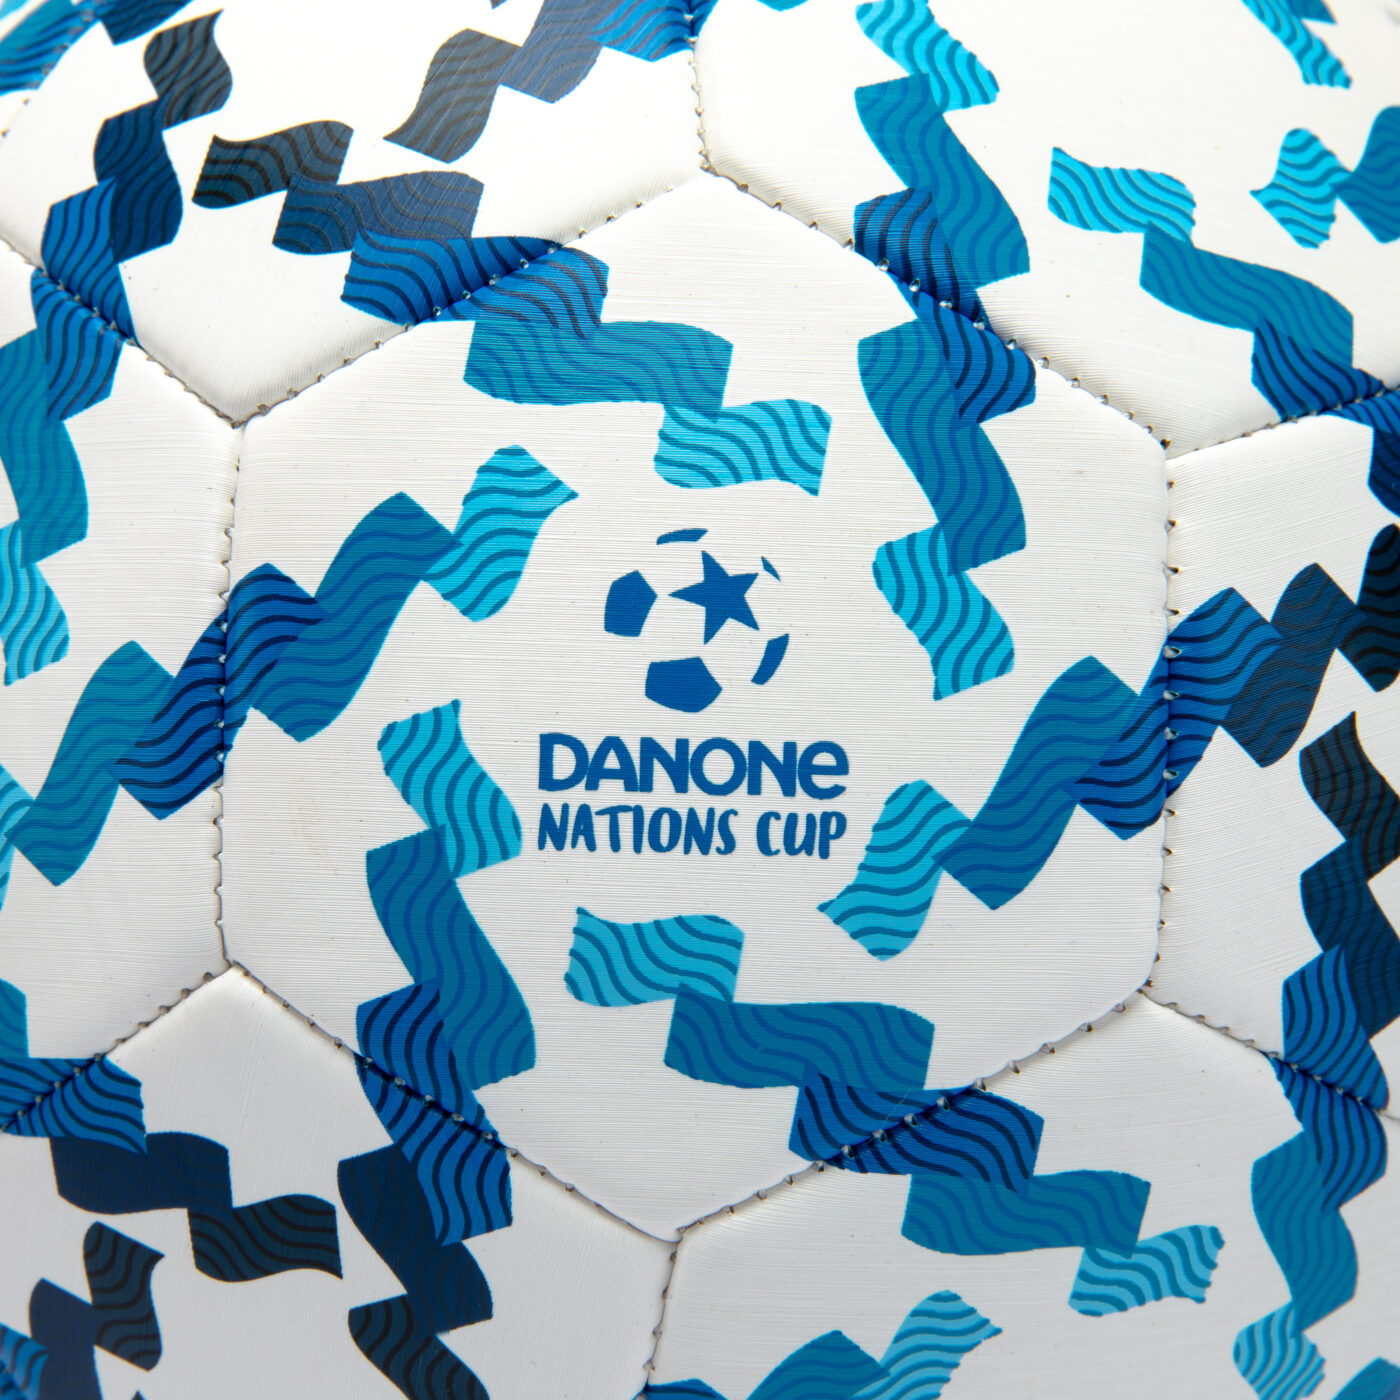 ballon-danone-nations-cup-acces-eau-potable-4